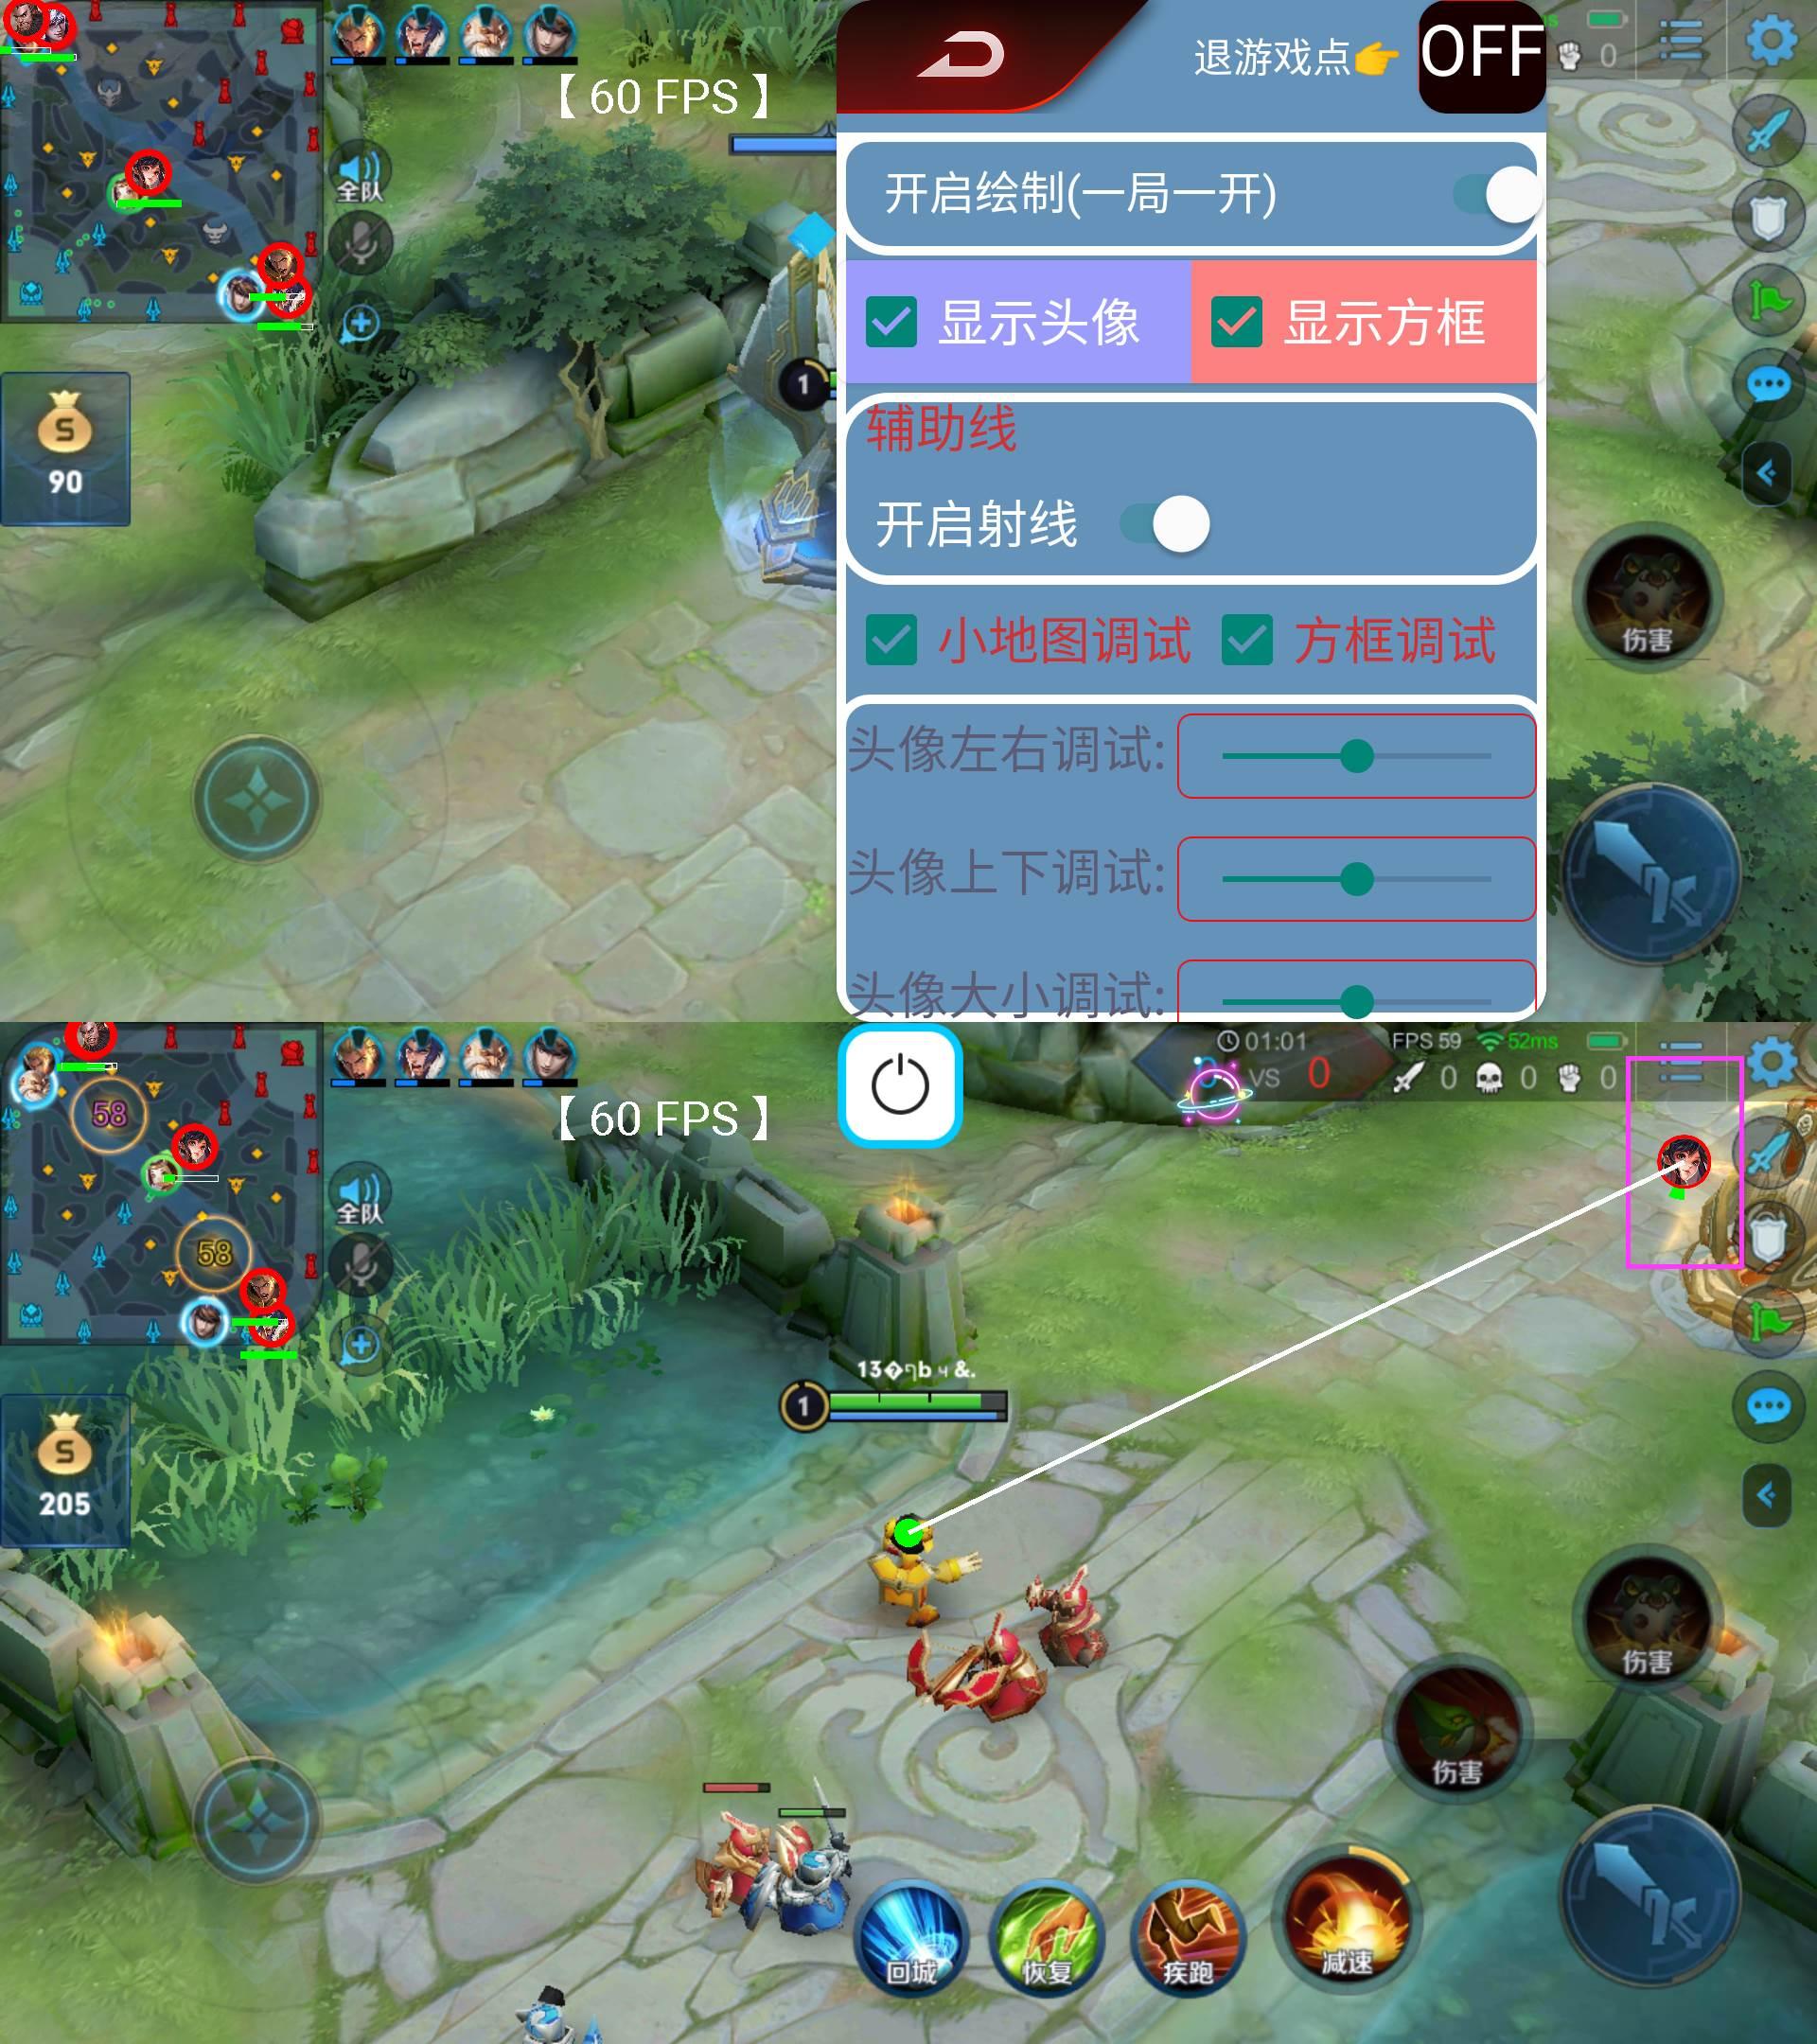 王者荣耀-TQ蓝豹小地图绘制全图透视辅助